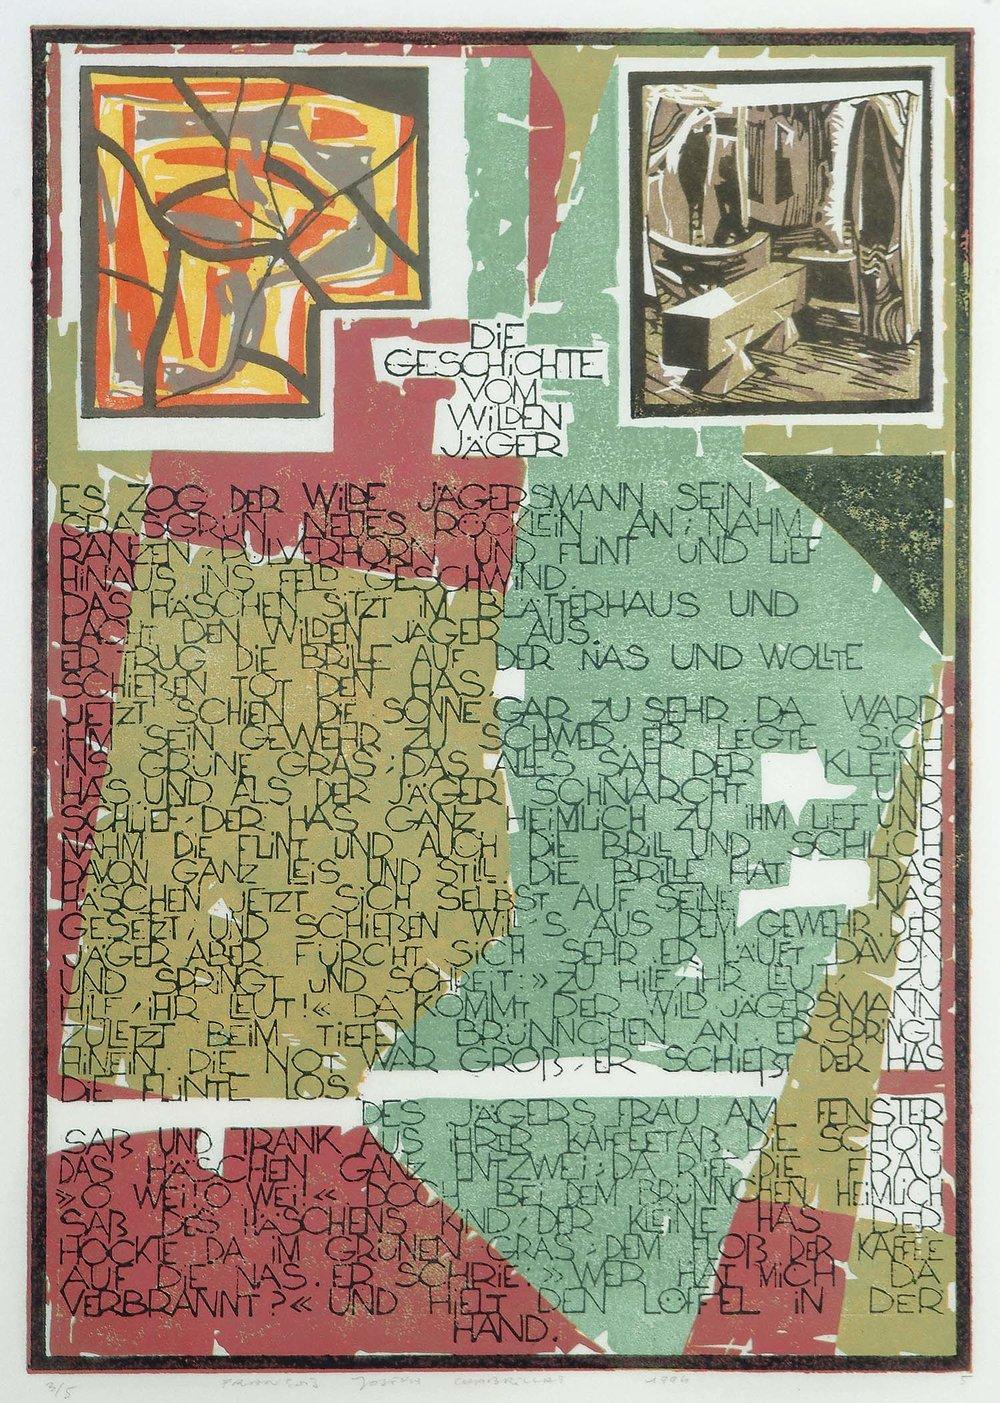 Der Struwwelpeter | 1994 | Farbkartondruck auf Misumi-Japan-Papier | 50 x 35 cm